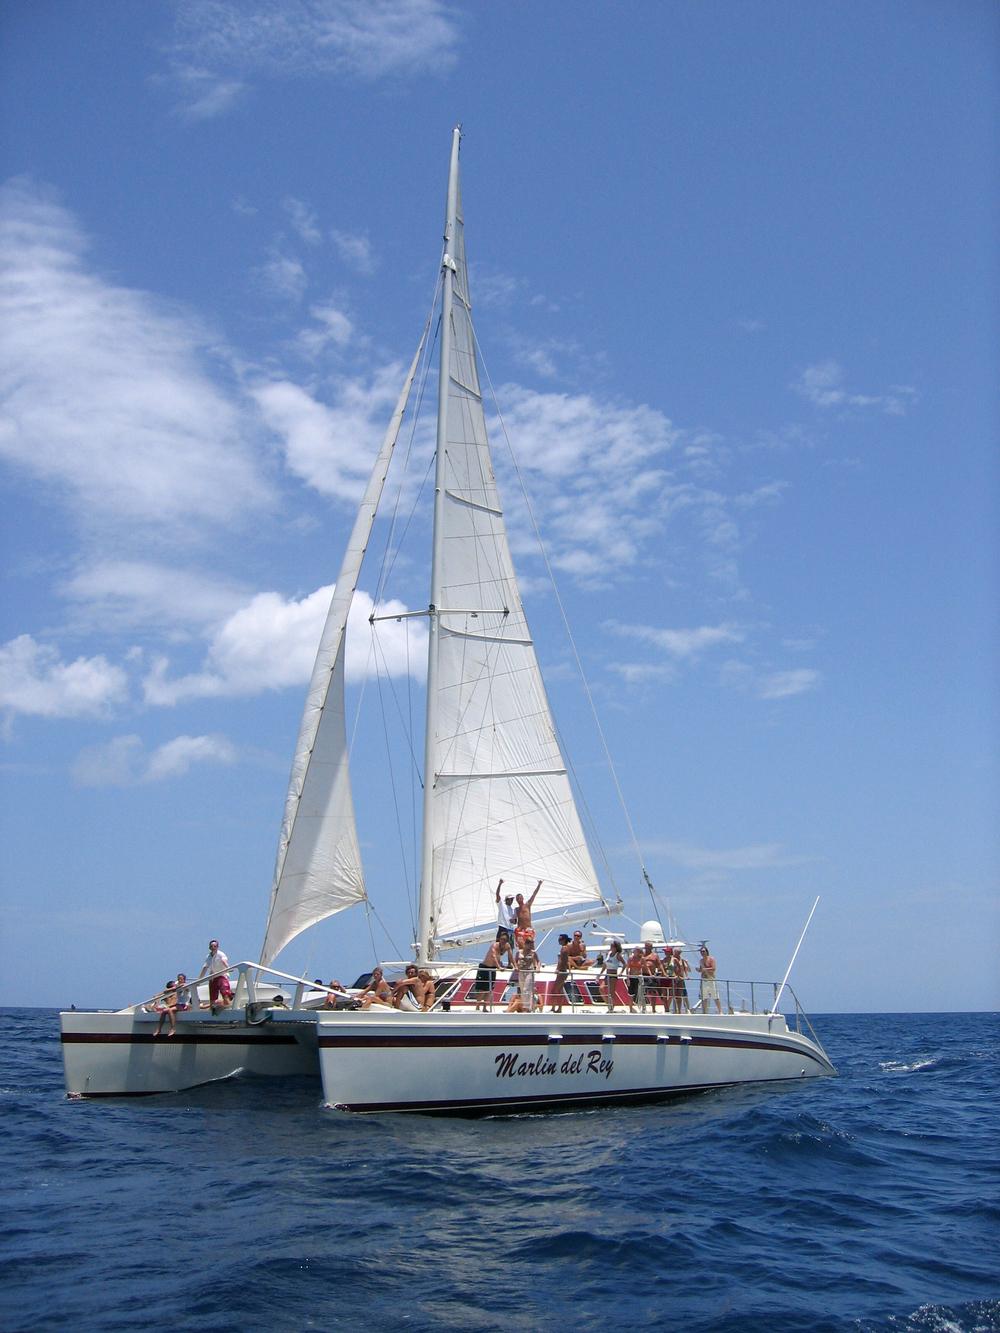 Marlin del Rey - Playa Tamarindo